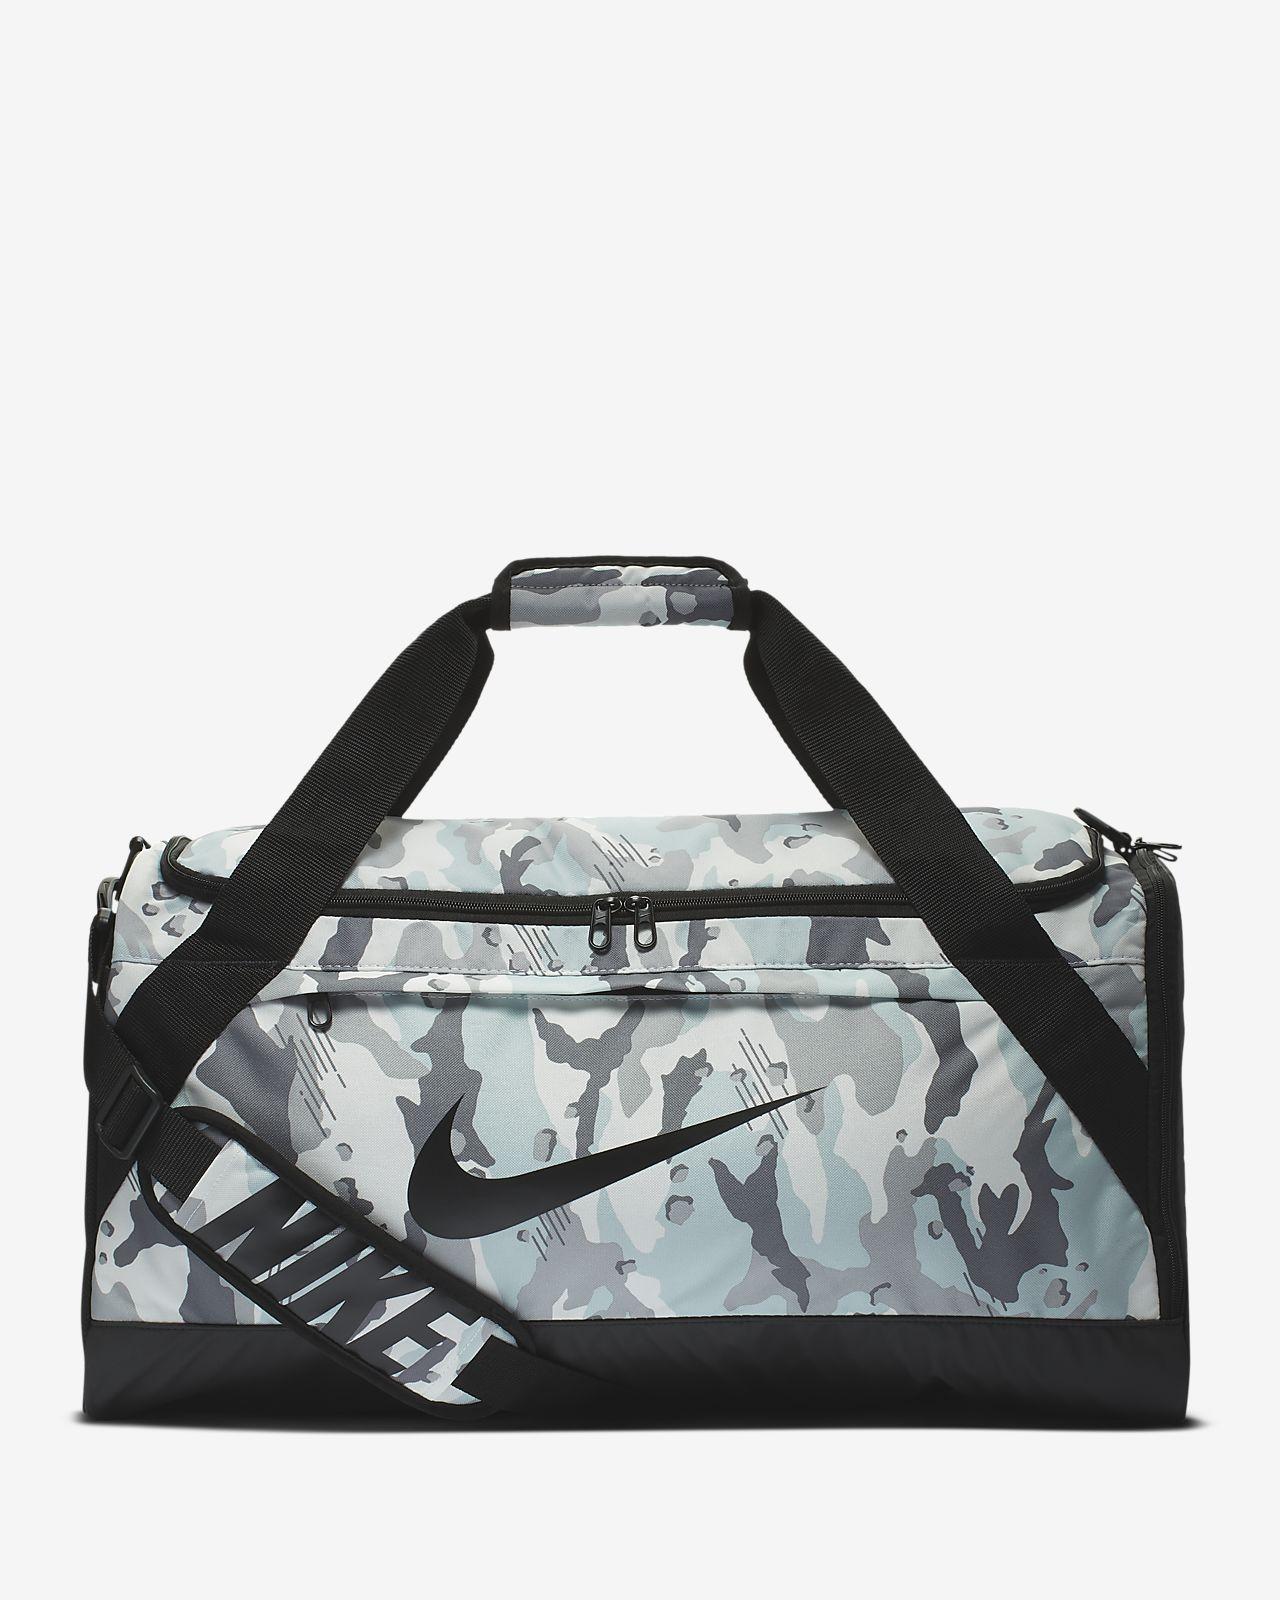 กระเป๋า Duffel เทรนนิ่งพิมพ์ลาย Nike Brasilia (ขนาดกลาง)